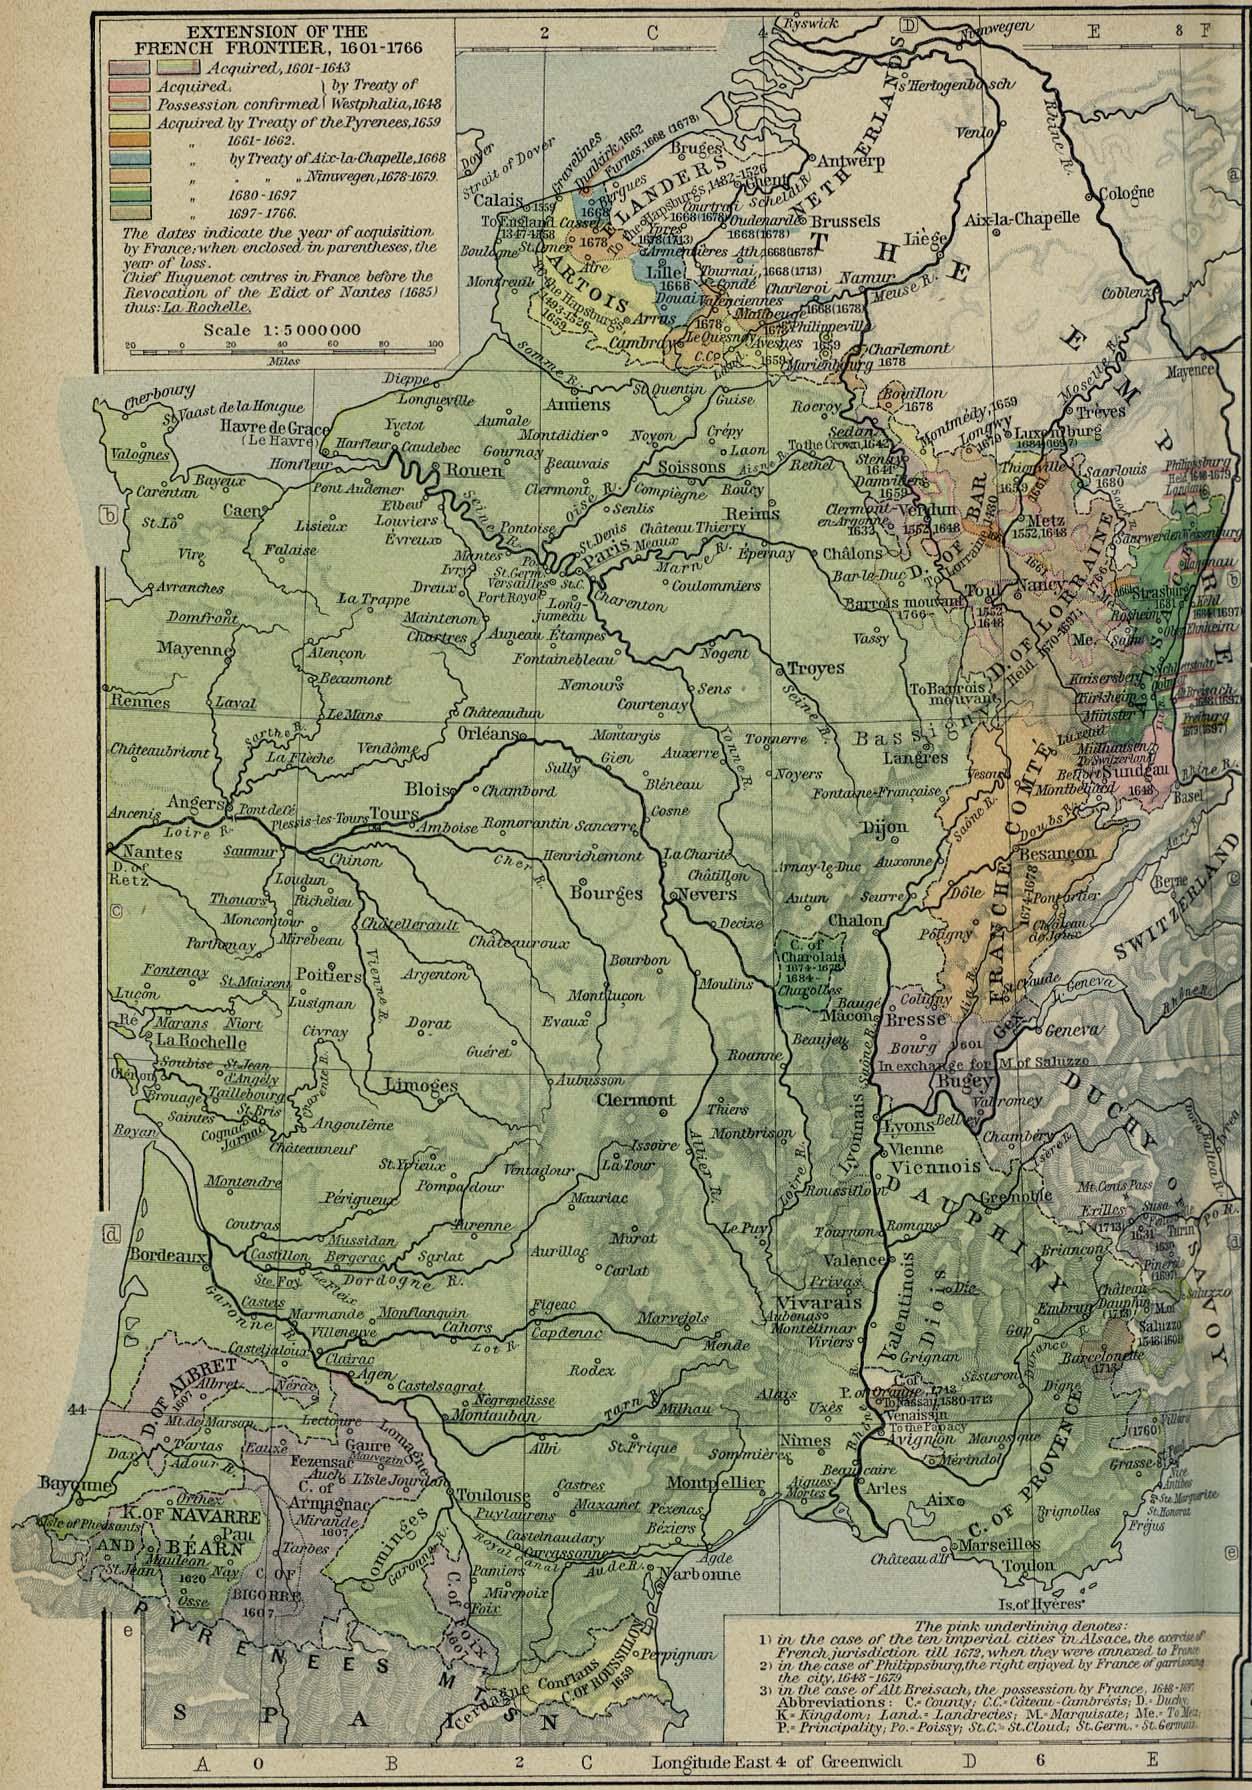 Mapa de la Extensión de las Fronteras Francesas 1601 - 1766